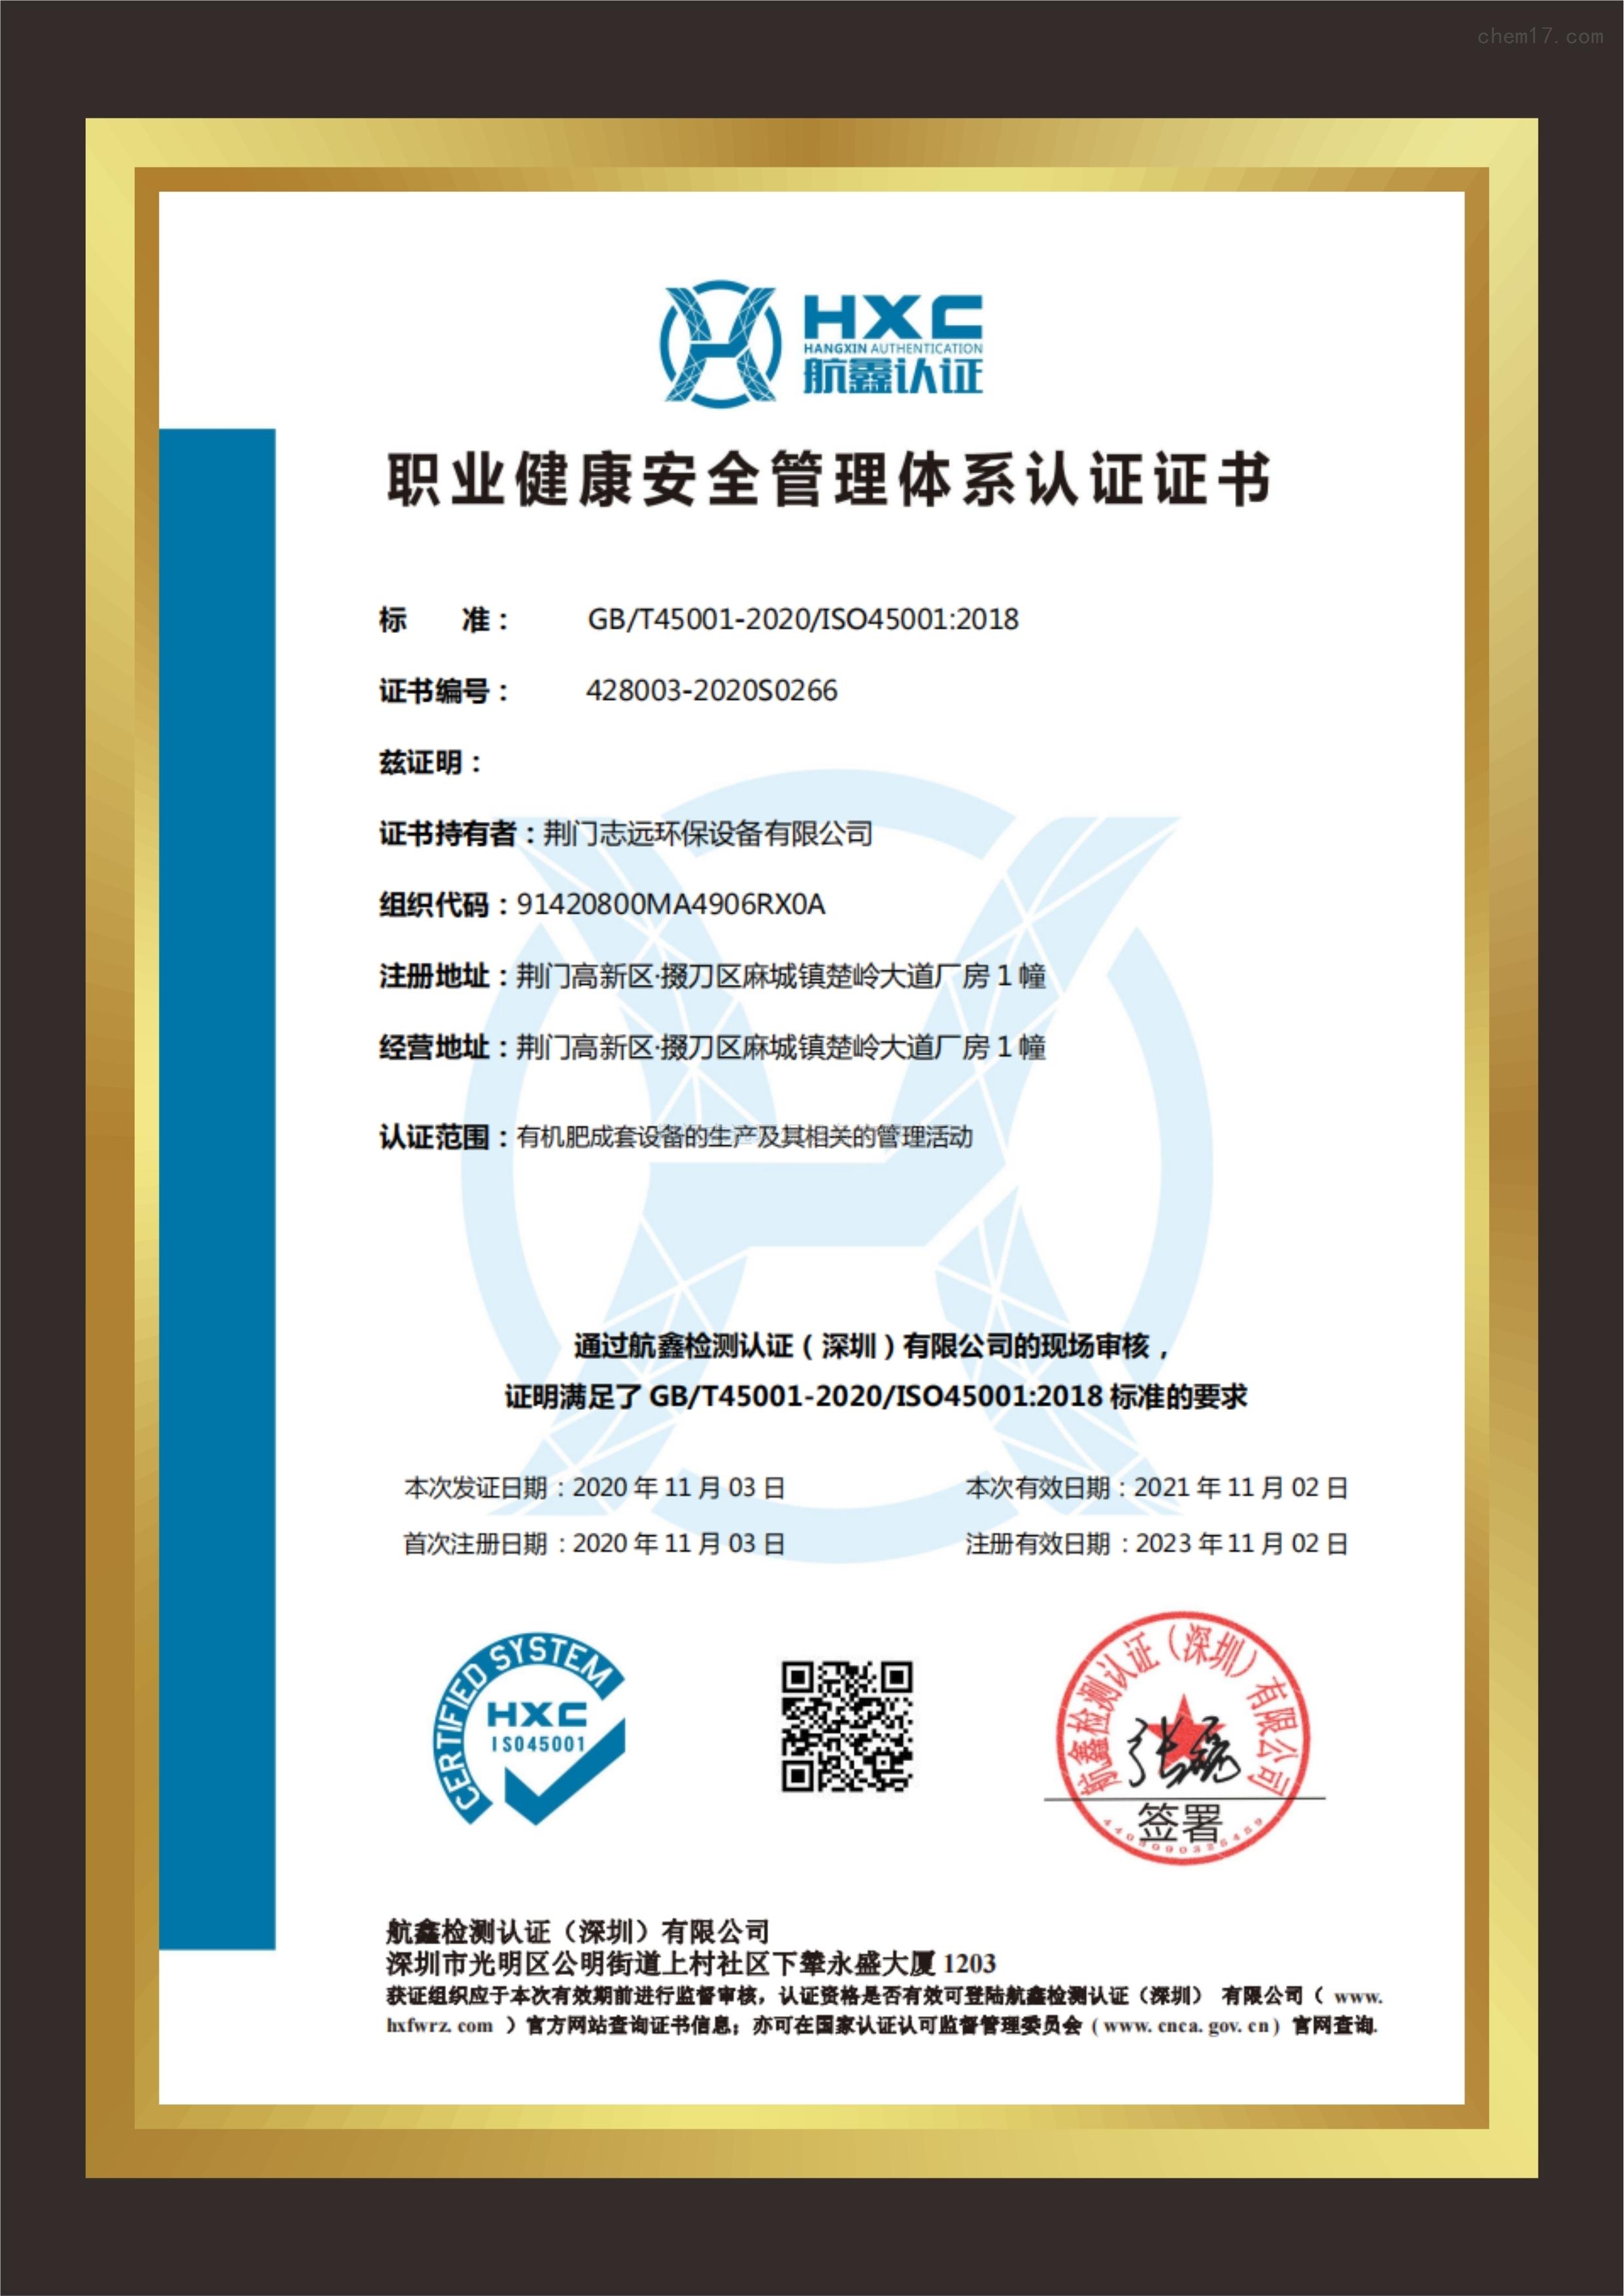 职业健康安全管理体系认证证书(有机肥成套设备的生产及其相关的